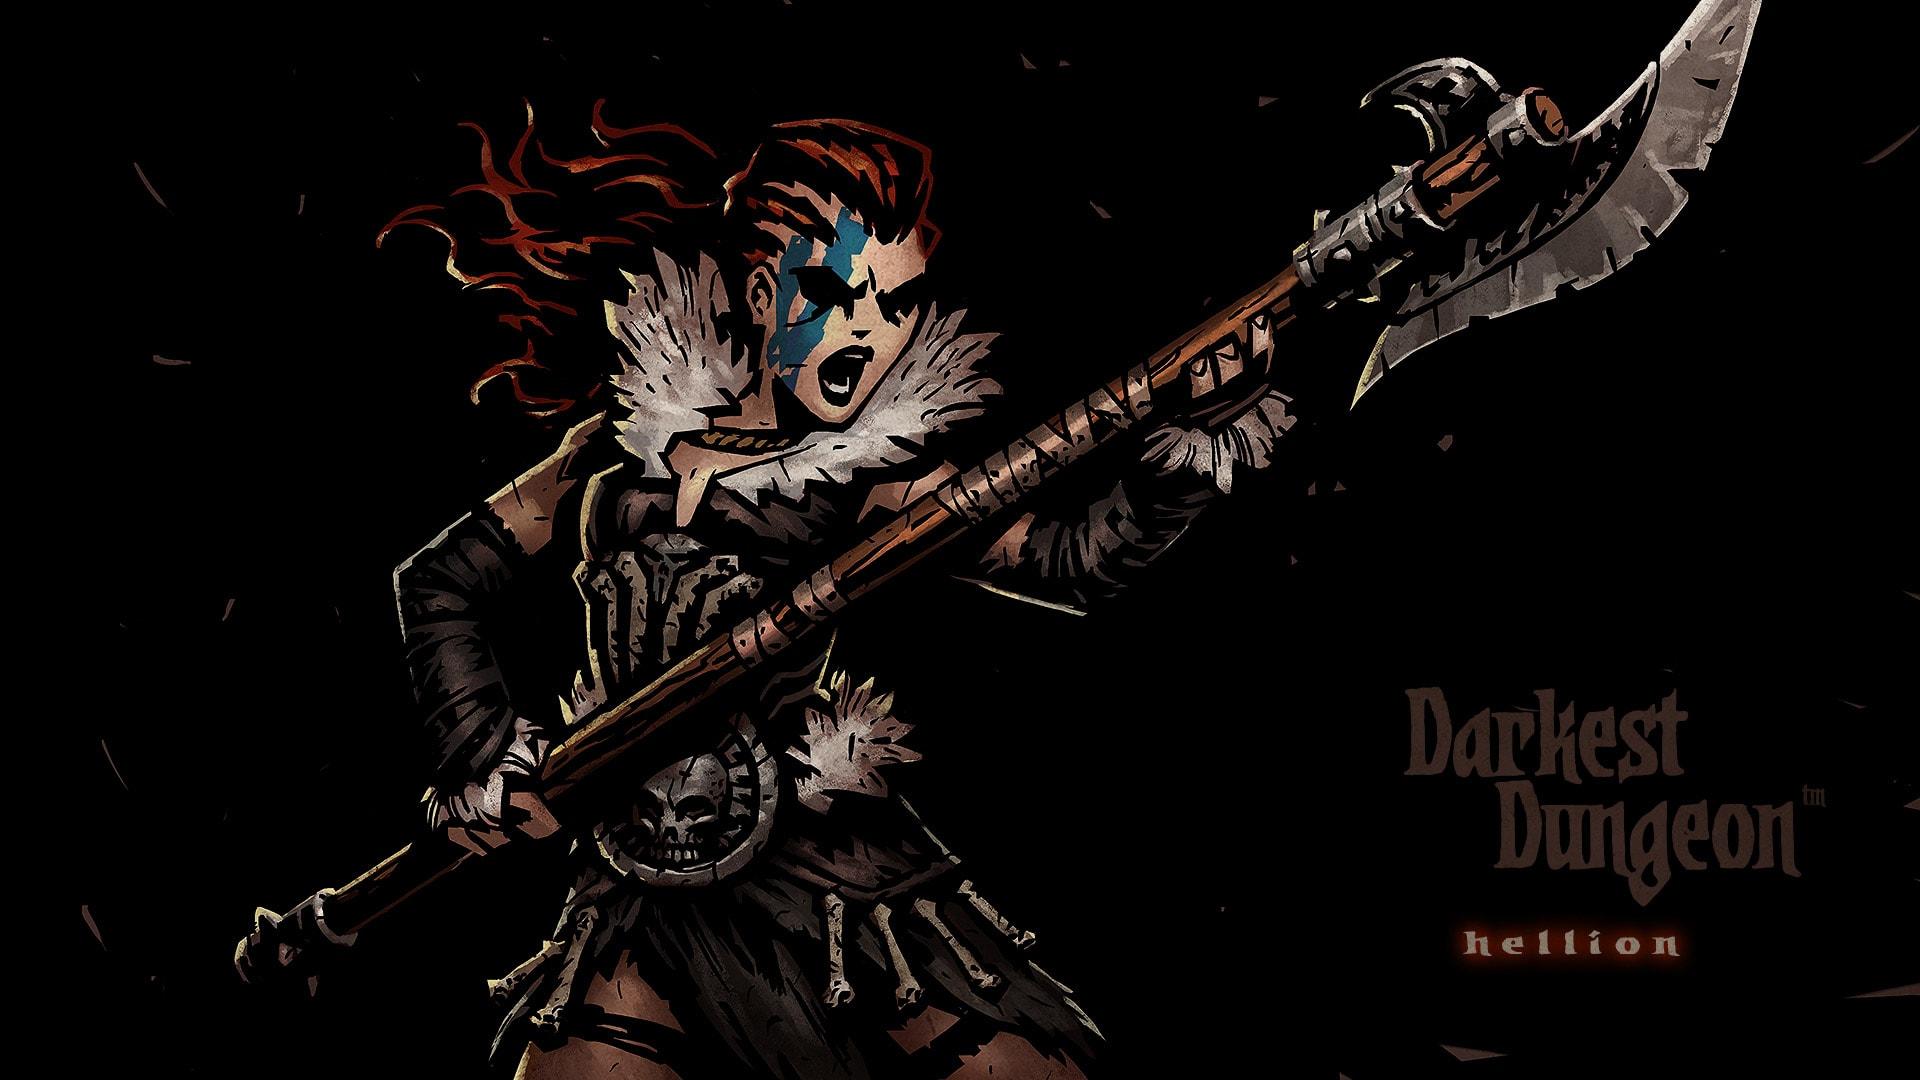 Darkest Dungeon HD pictures